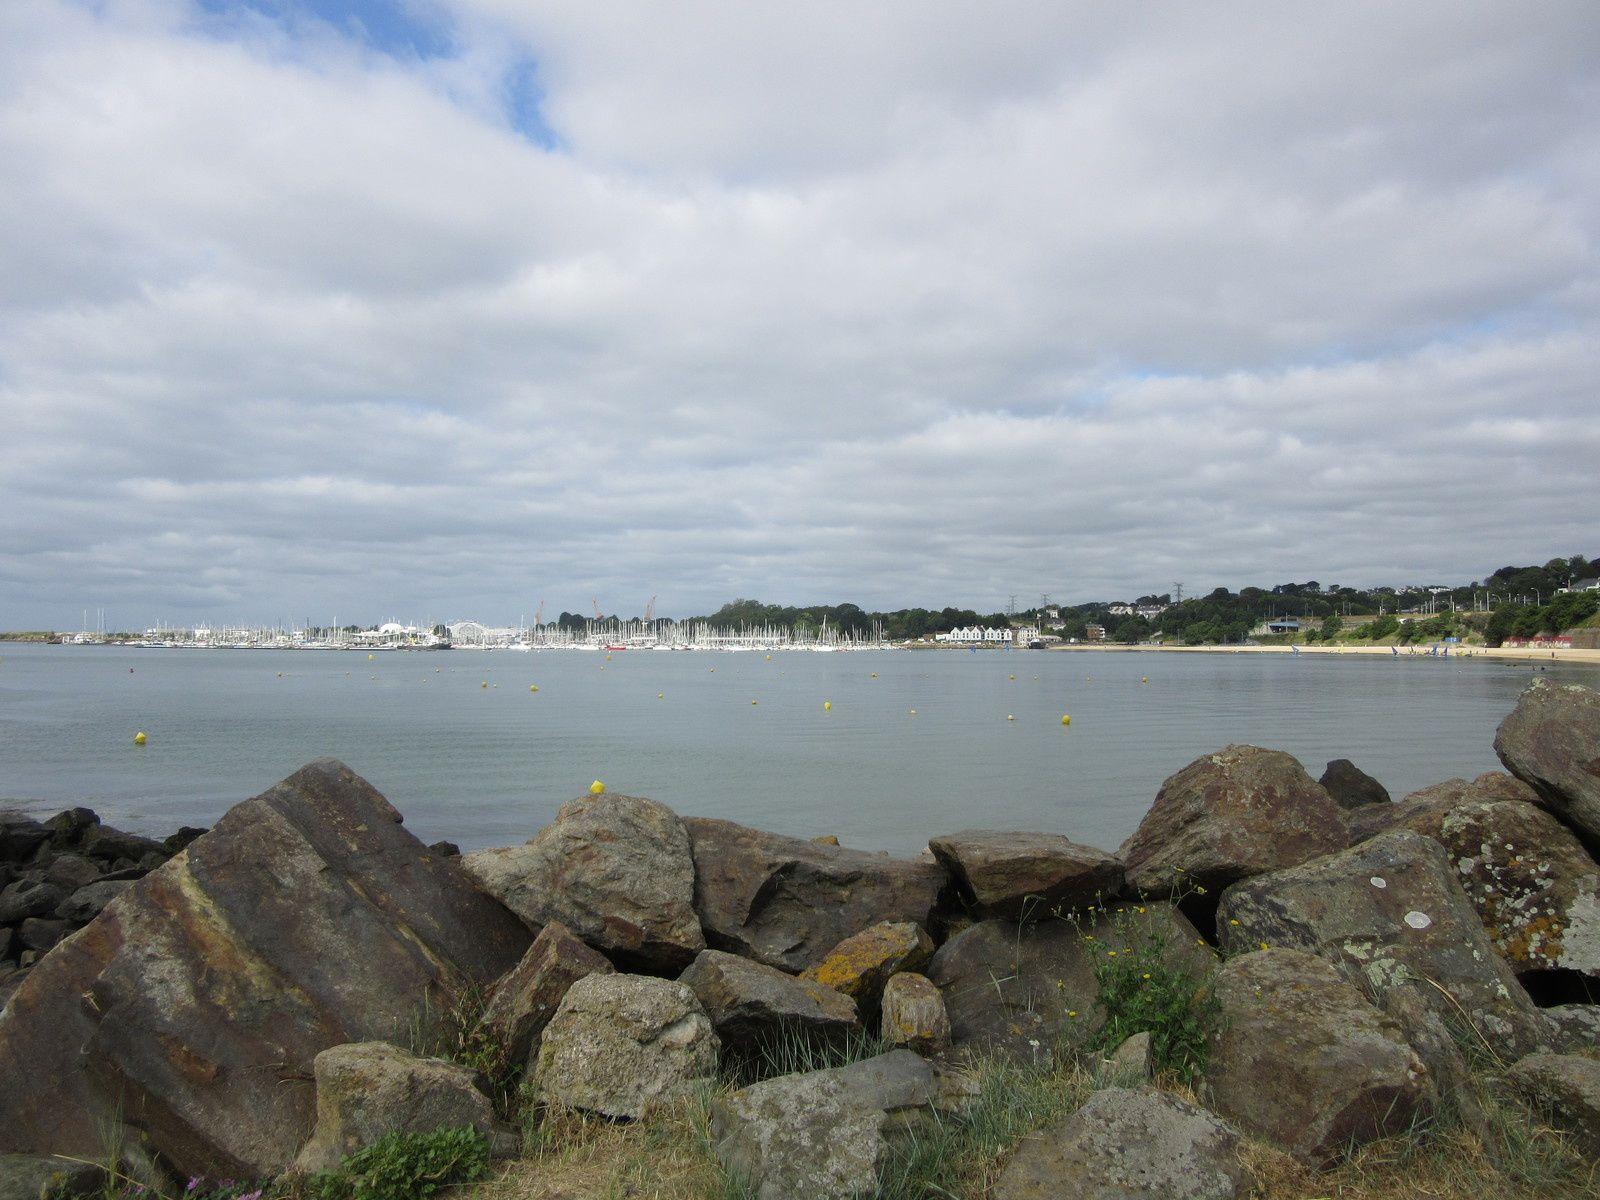 Le port de plaisance de Brest vu de la côte rocheuse du Relecq-Kerhuon, qui ferme à l'est la belle plage dot on aperçoit l'extrémité ouest à mi hauteur à droite.